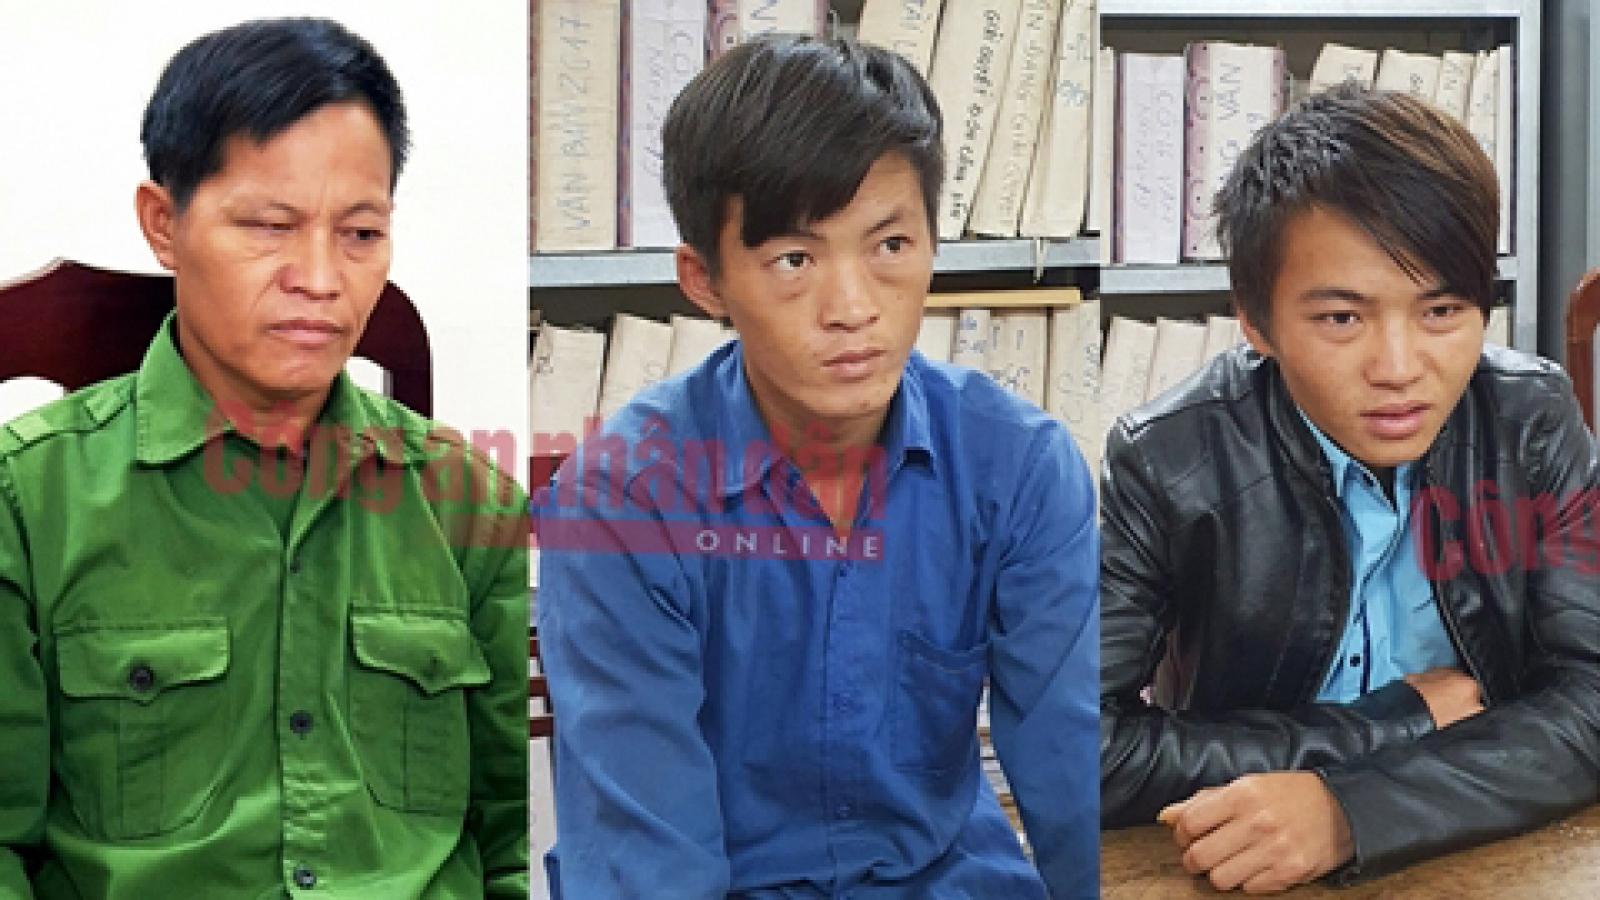 Hé lộ kế hoạch giết hàng xóm của 4 bố con ở Hà Giang